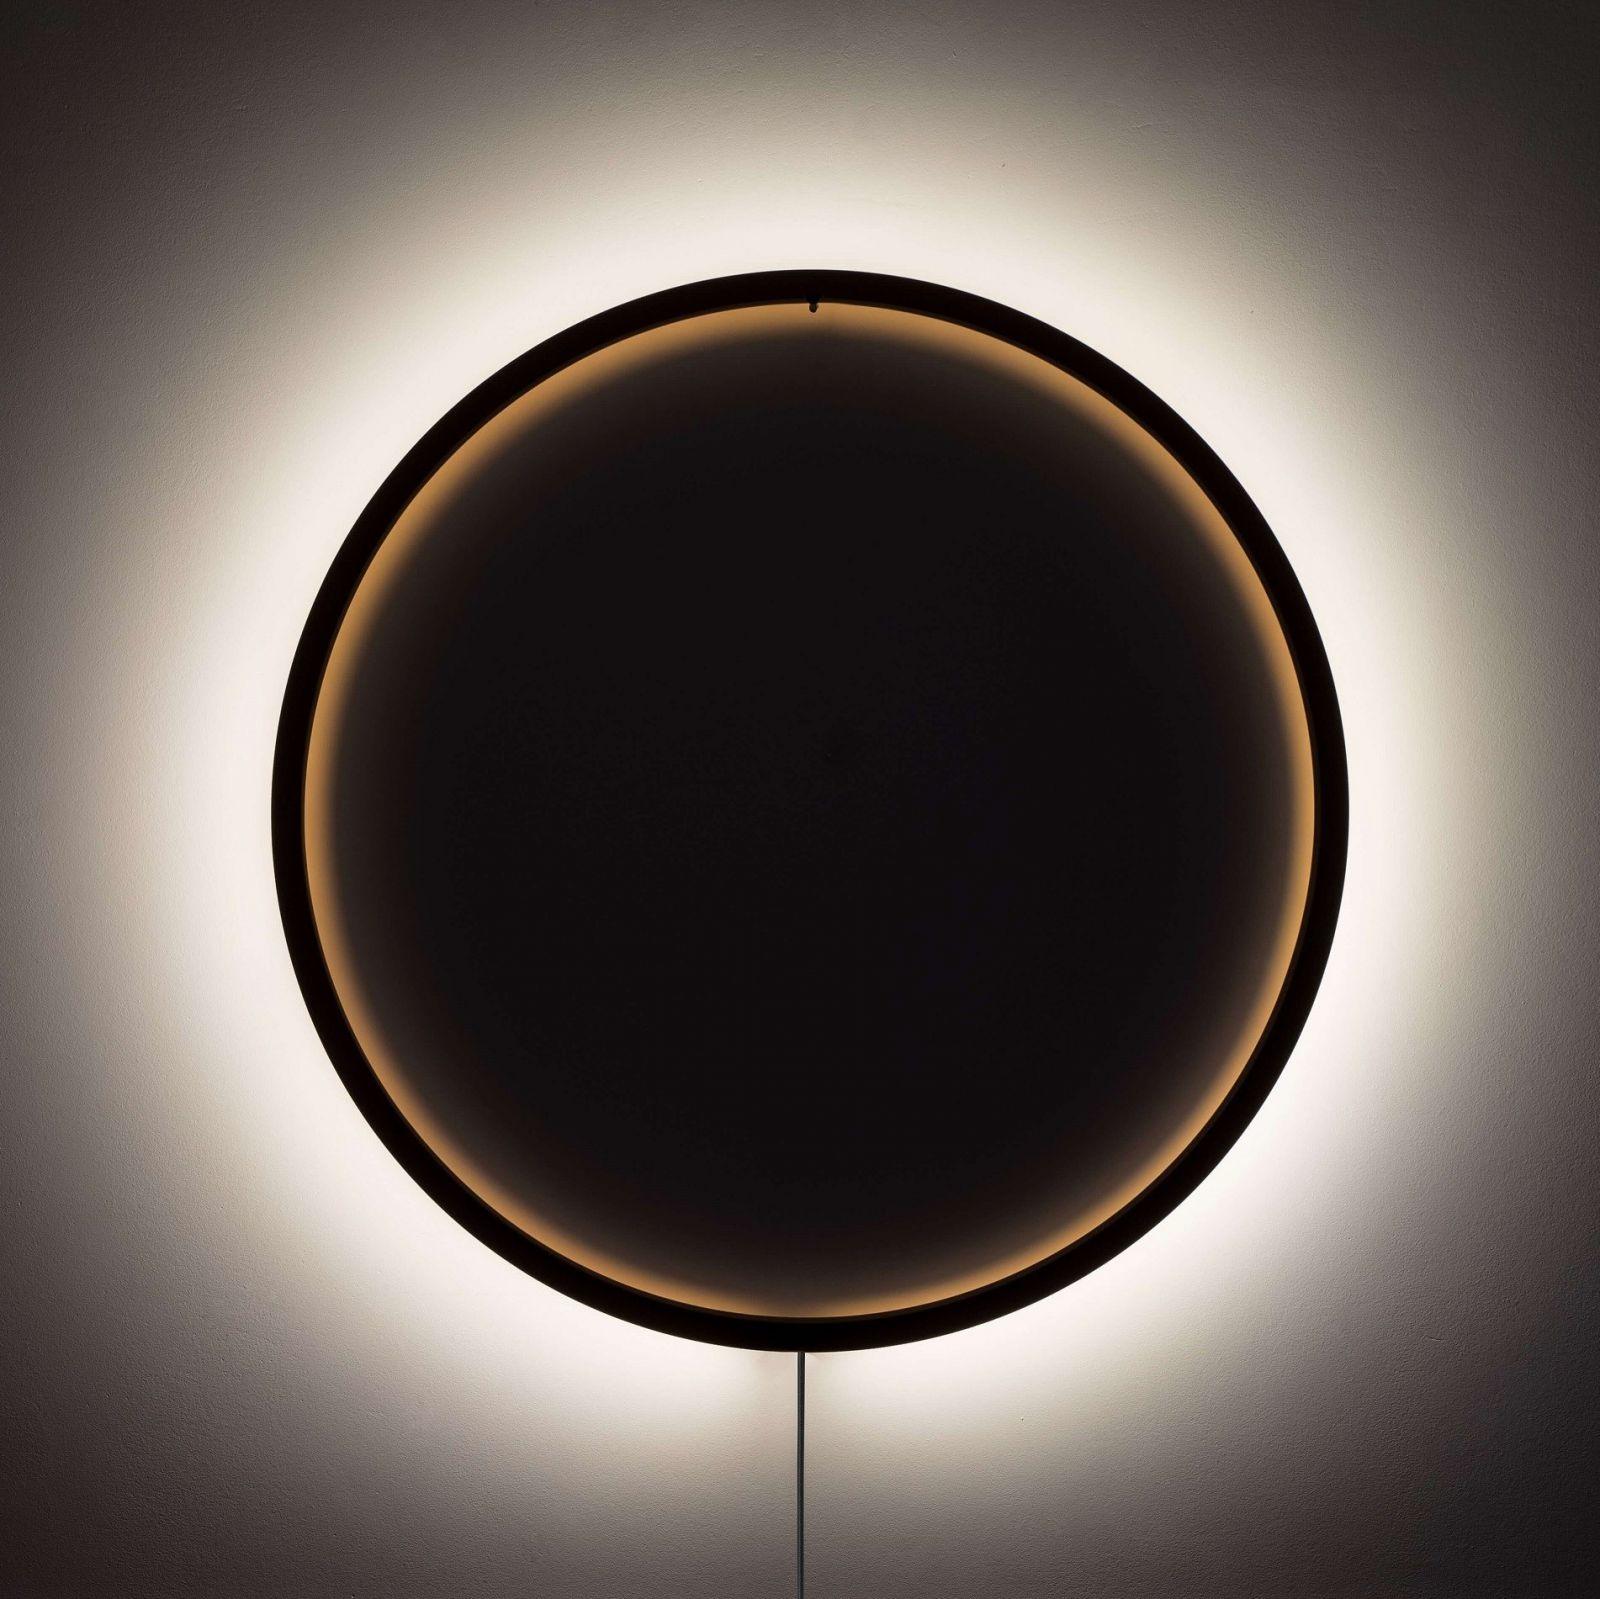 Lampa ścienna Duże-Thło w kolorze brązowym